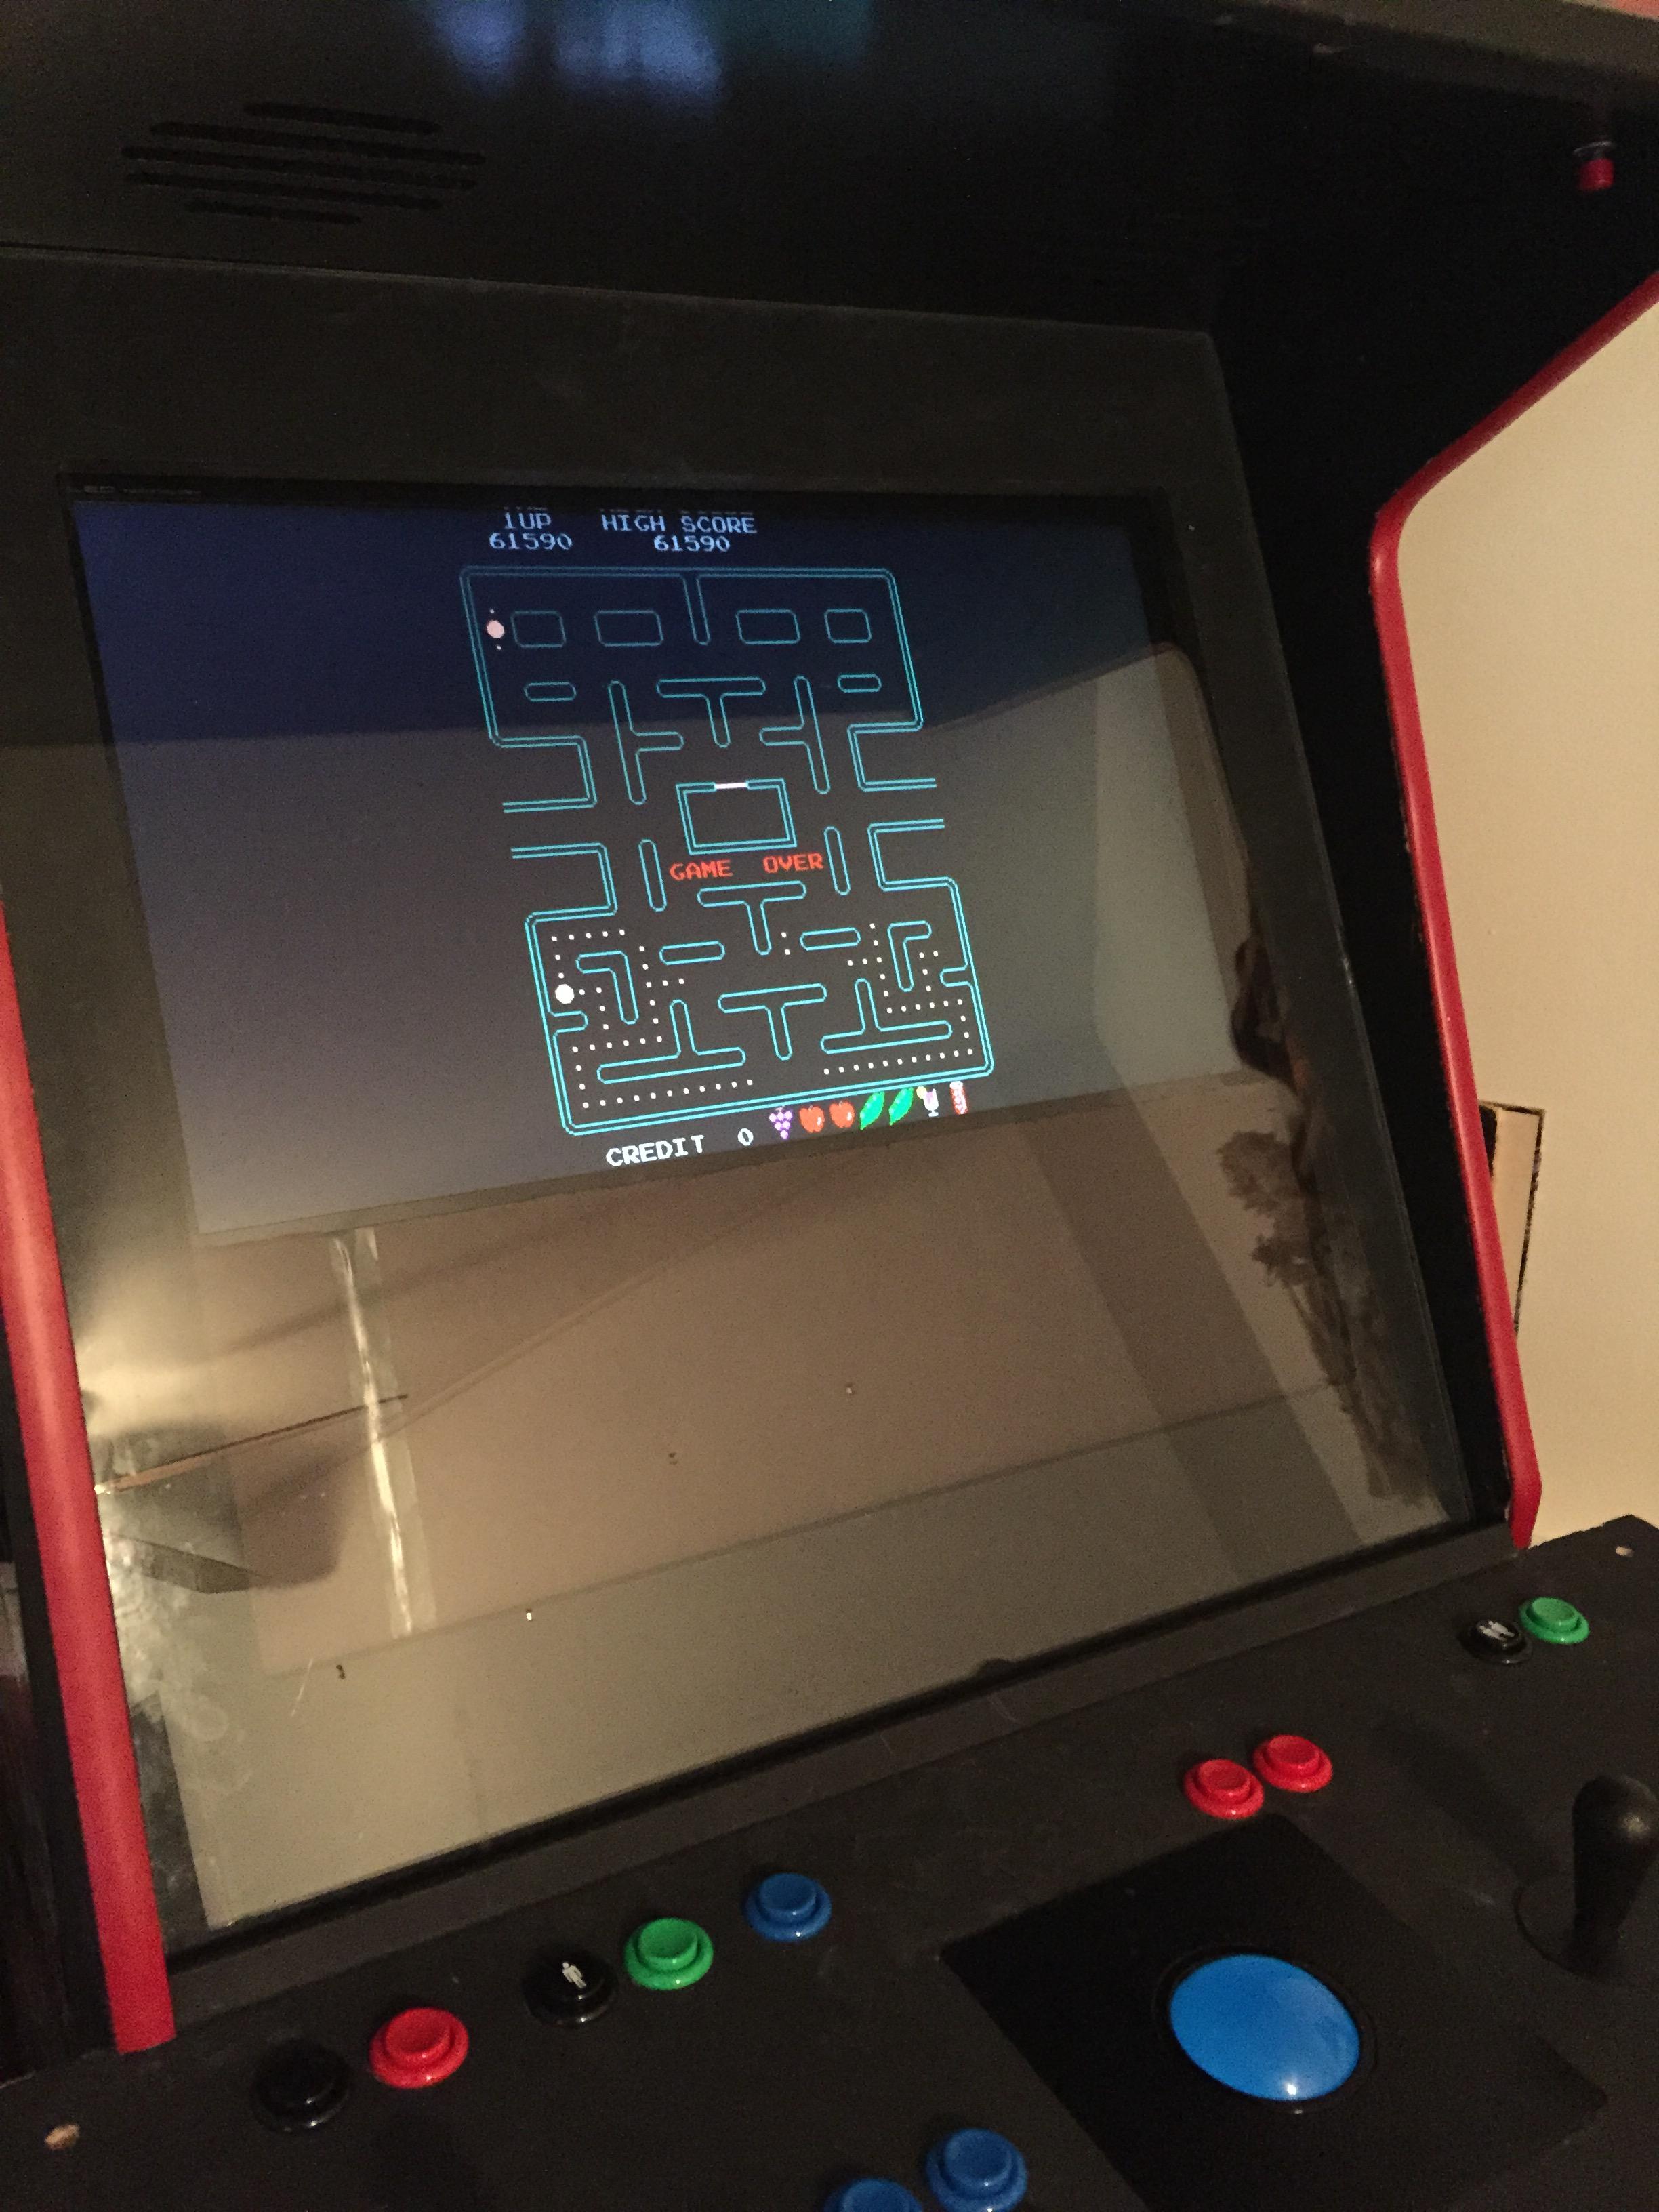 Deteacher: Pac-Man Plus (Arcade Emulated / M.A.M.E.) 61,590 points on 2015-04-08 08:27:04